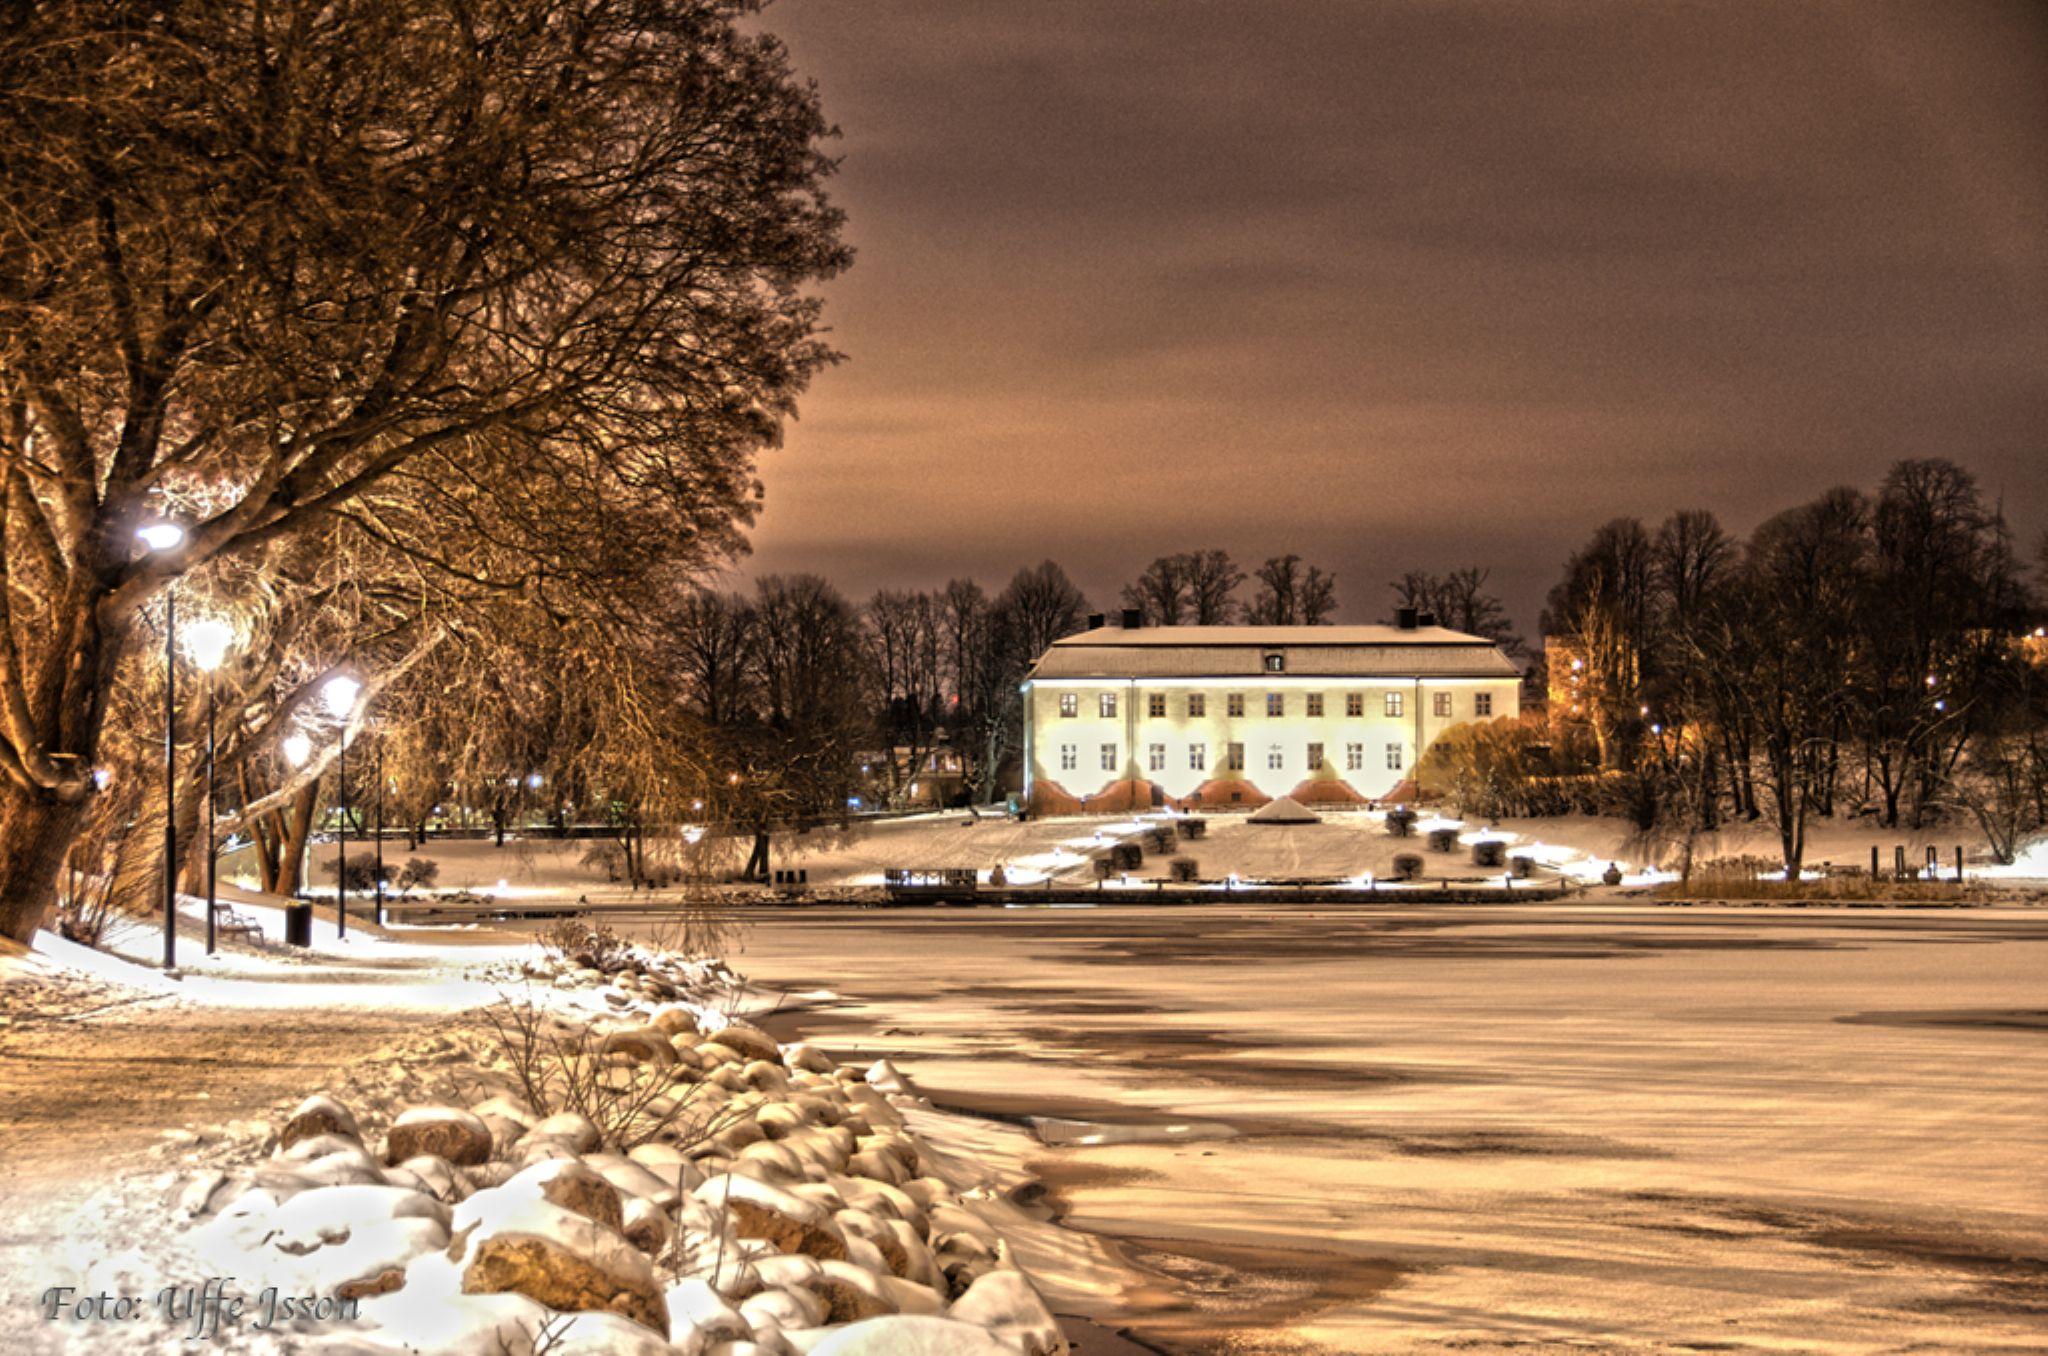 Edsbergs Castle 2013 by uffejsson